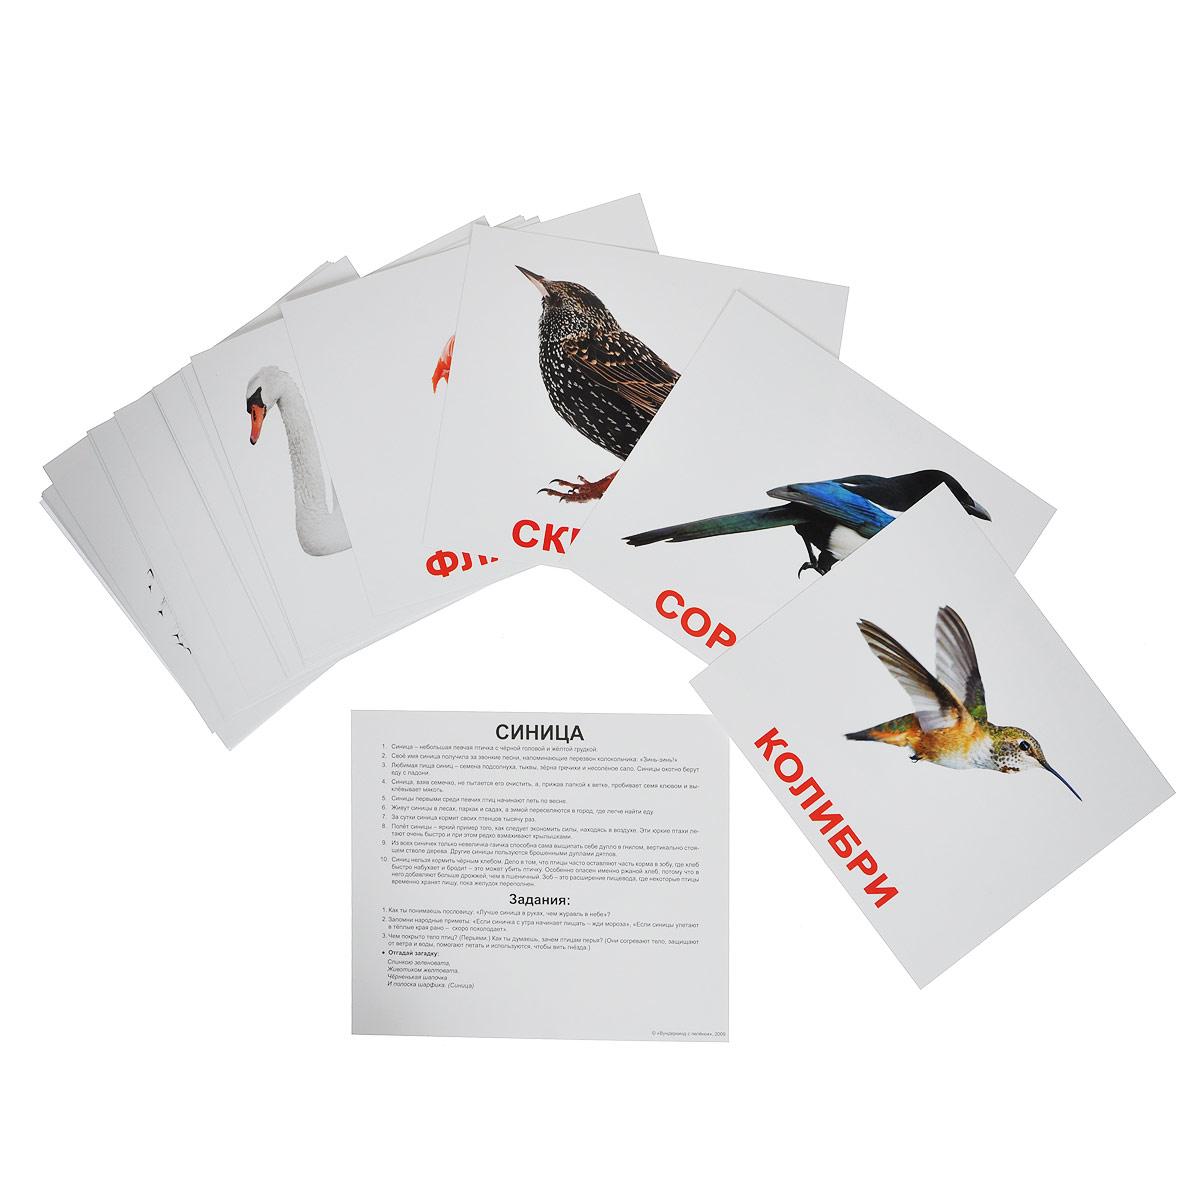 Набор обучающих карточек ПтицыВСПБК-ПтицыНабор обучающих карточек Птицы предназначен для занятий с детьми. Он содержит 20 карточек с изображениями различных птиц с подписями, а также фактами и заданиями на обратной стороне карточек. Просмотр таких карточек позволяет ребенку быстро усвоить названия птиц, запомнить, как они пишутся, развивает у него интеллект и формирует фотографическую память.